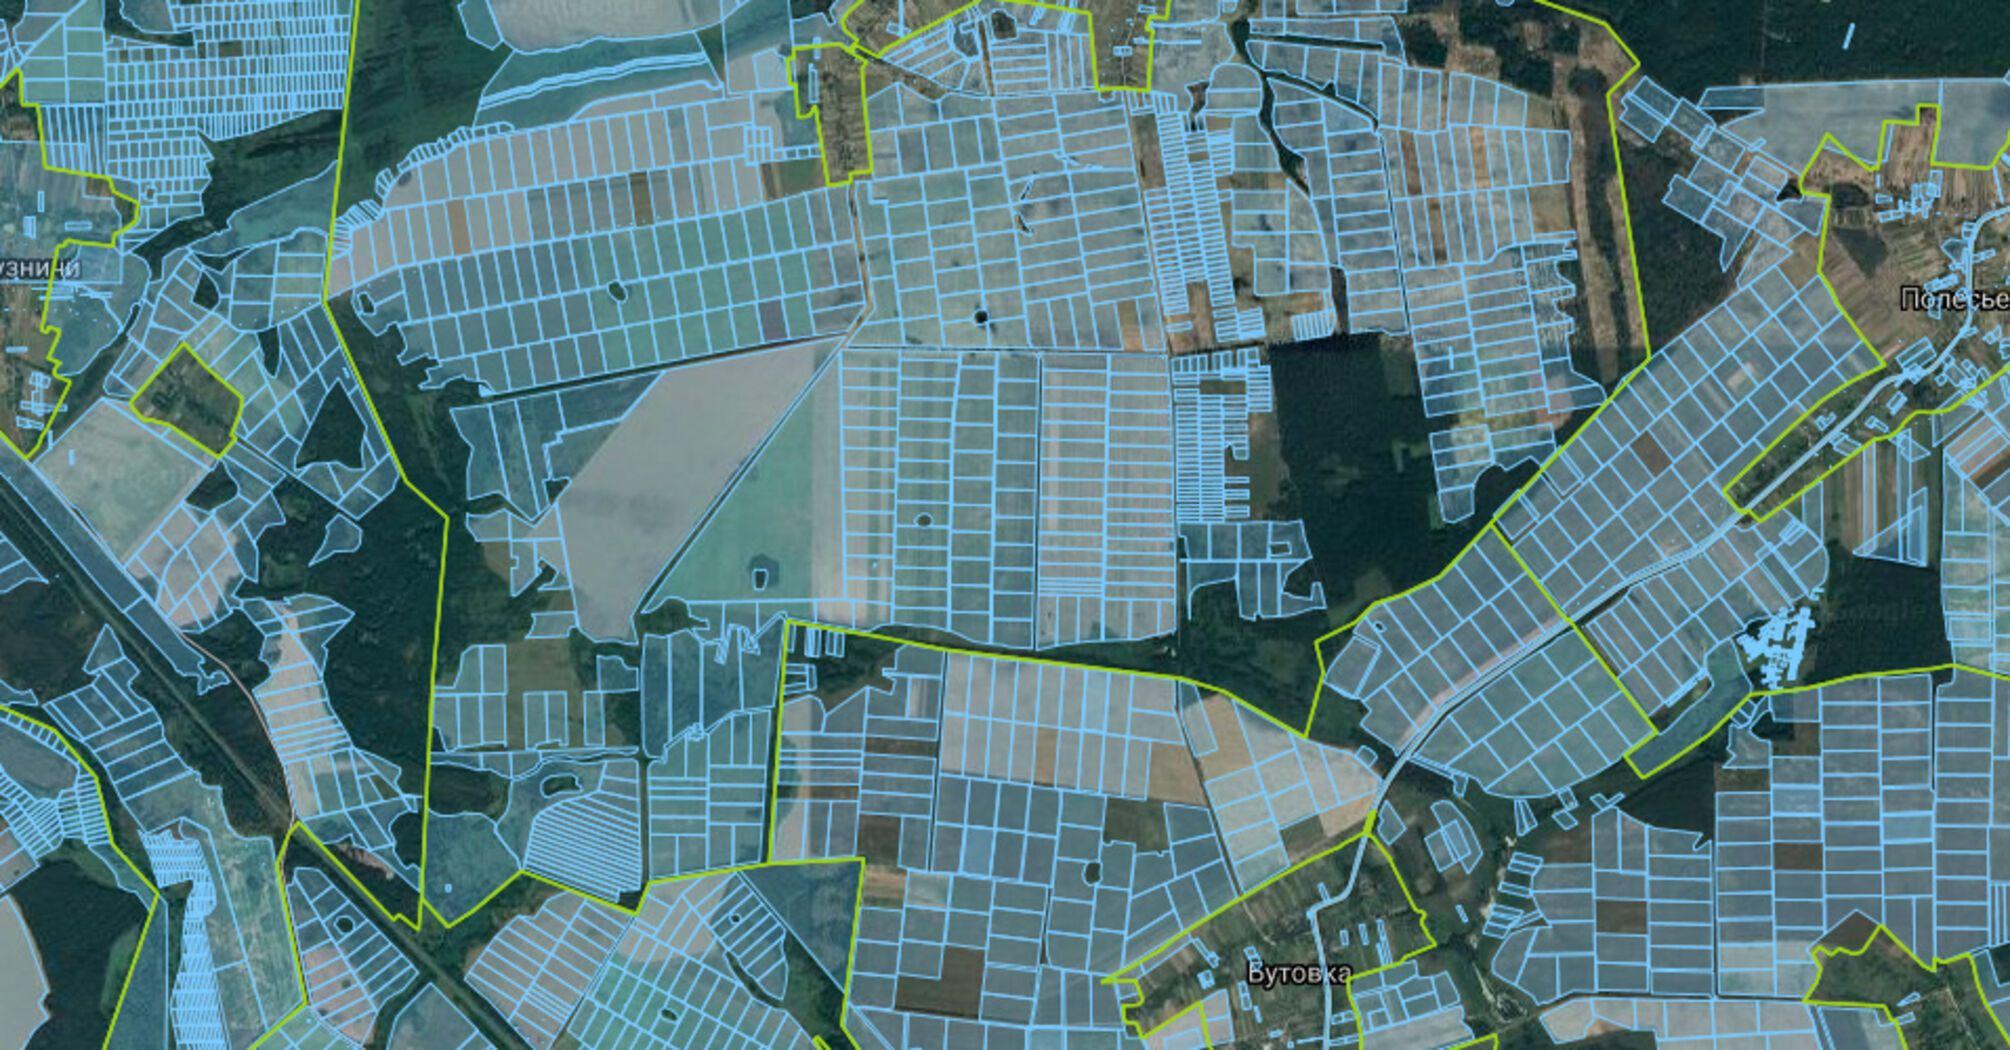 Выдержку из градостроительного кадастра отныне можно получить онлайн